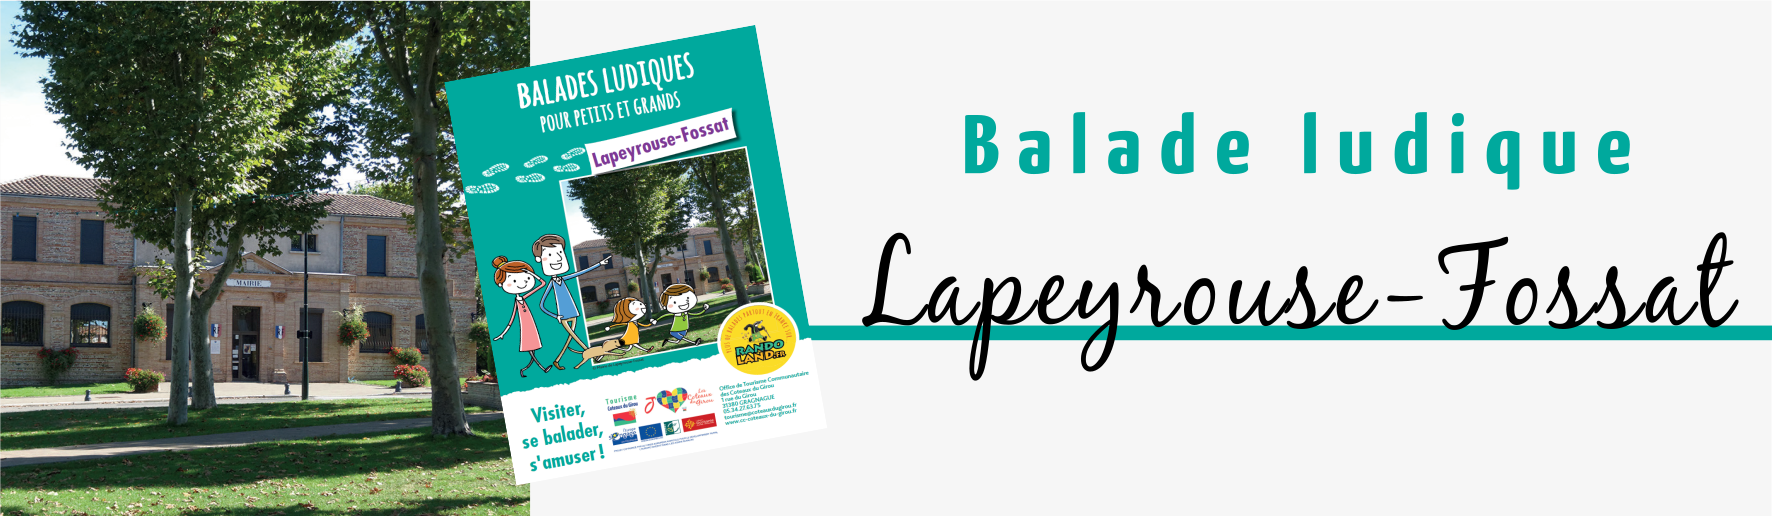 Balade Ludique Randoland Lapeyrouse-Fossat